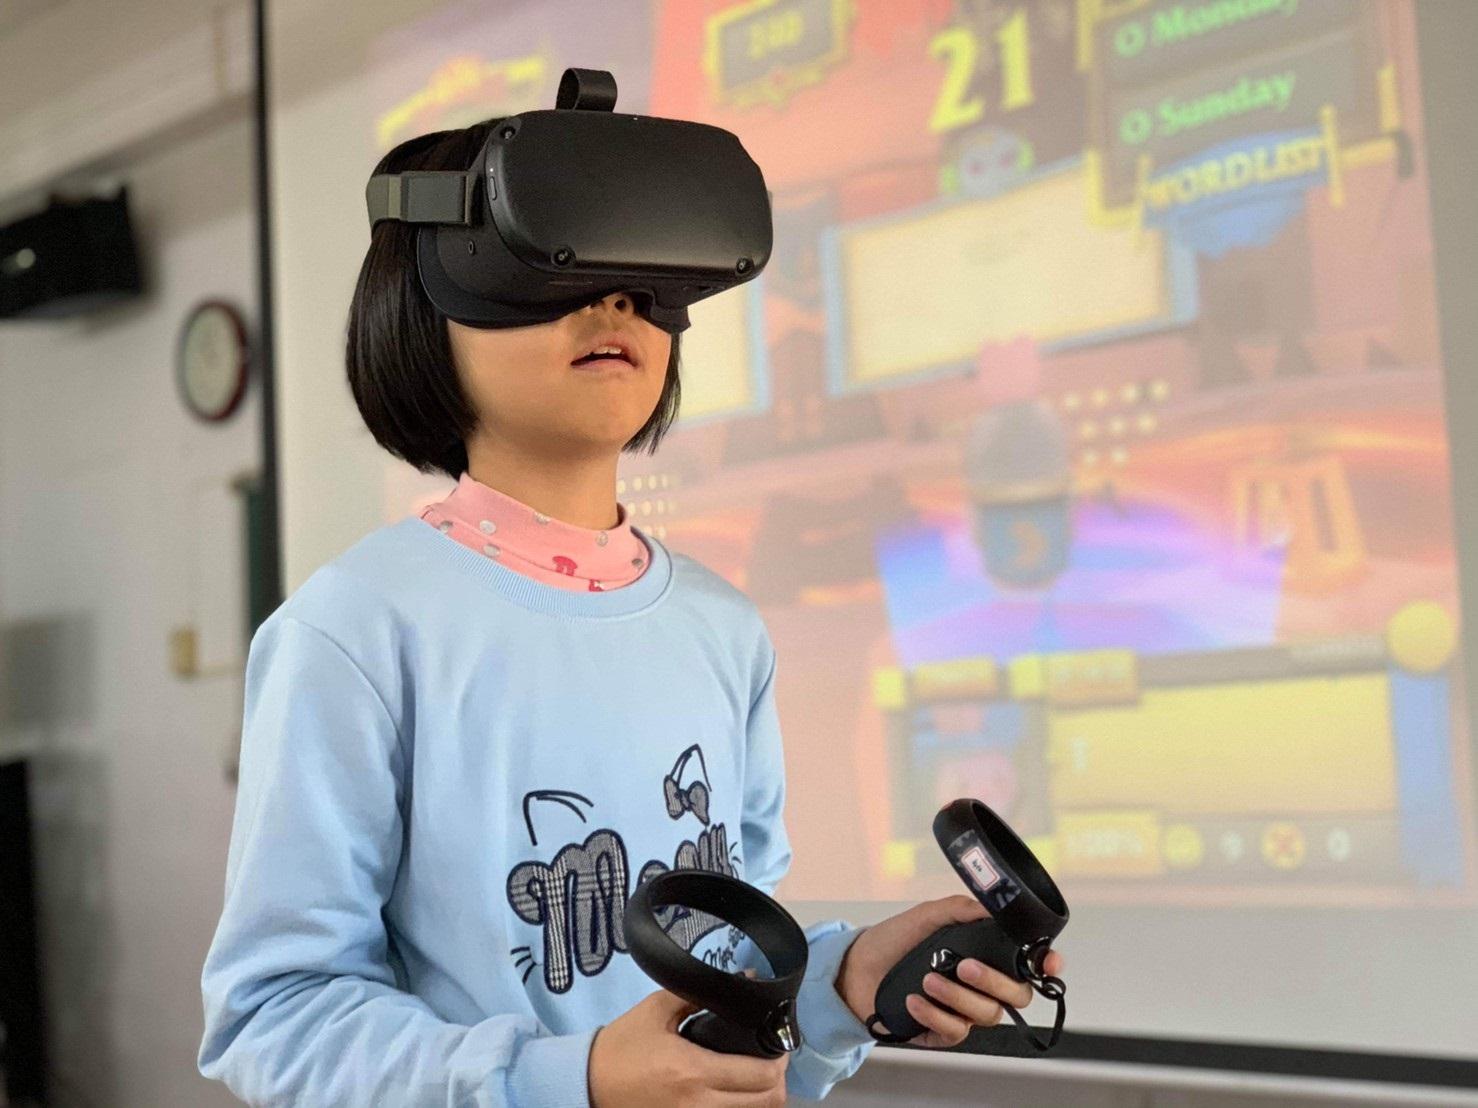 除了網速變快還能幹嘛?5G「三大特點」可望使《一級玩家》科幻場景逐步實現!